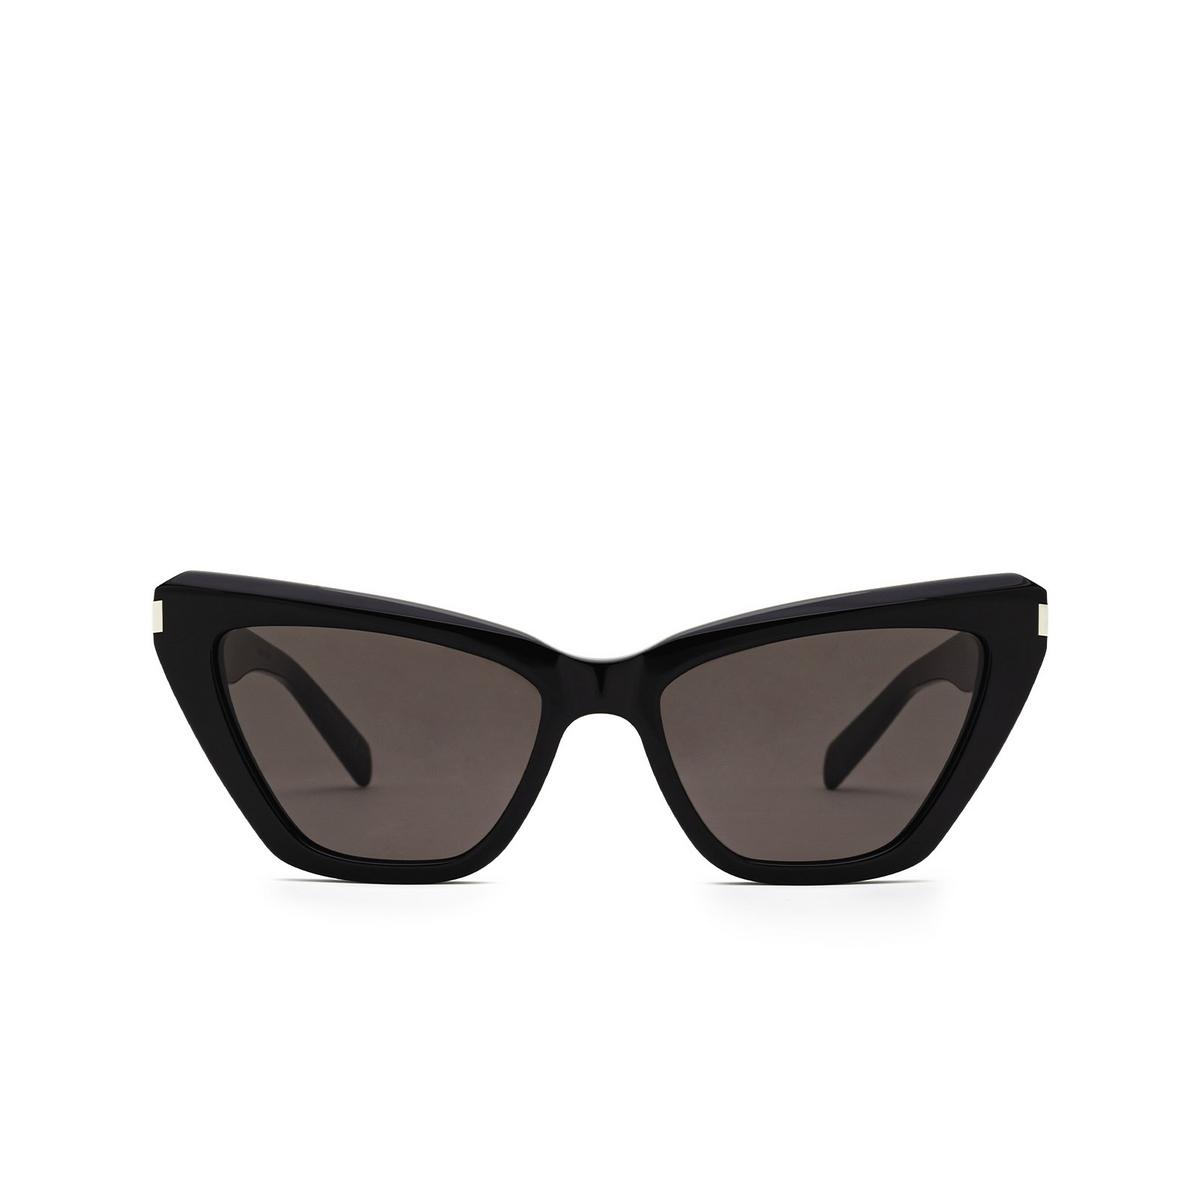 Saint Laurent® Cat-eye Sunglasses: SL 466 color Black 001 - front view.